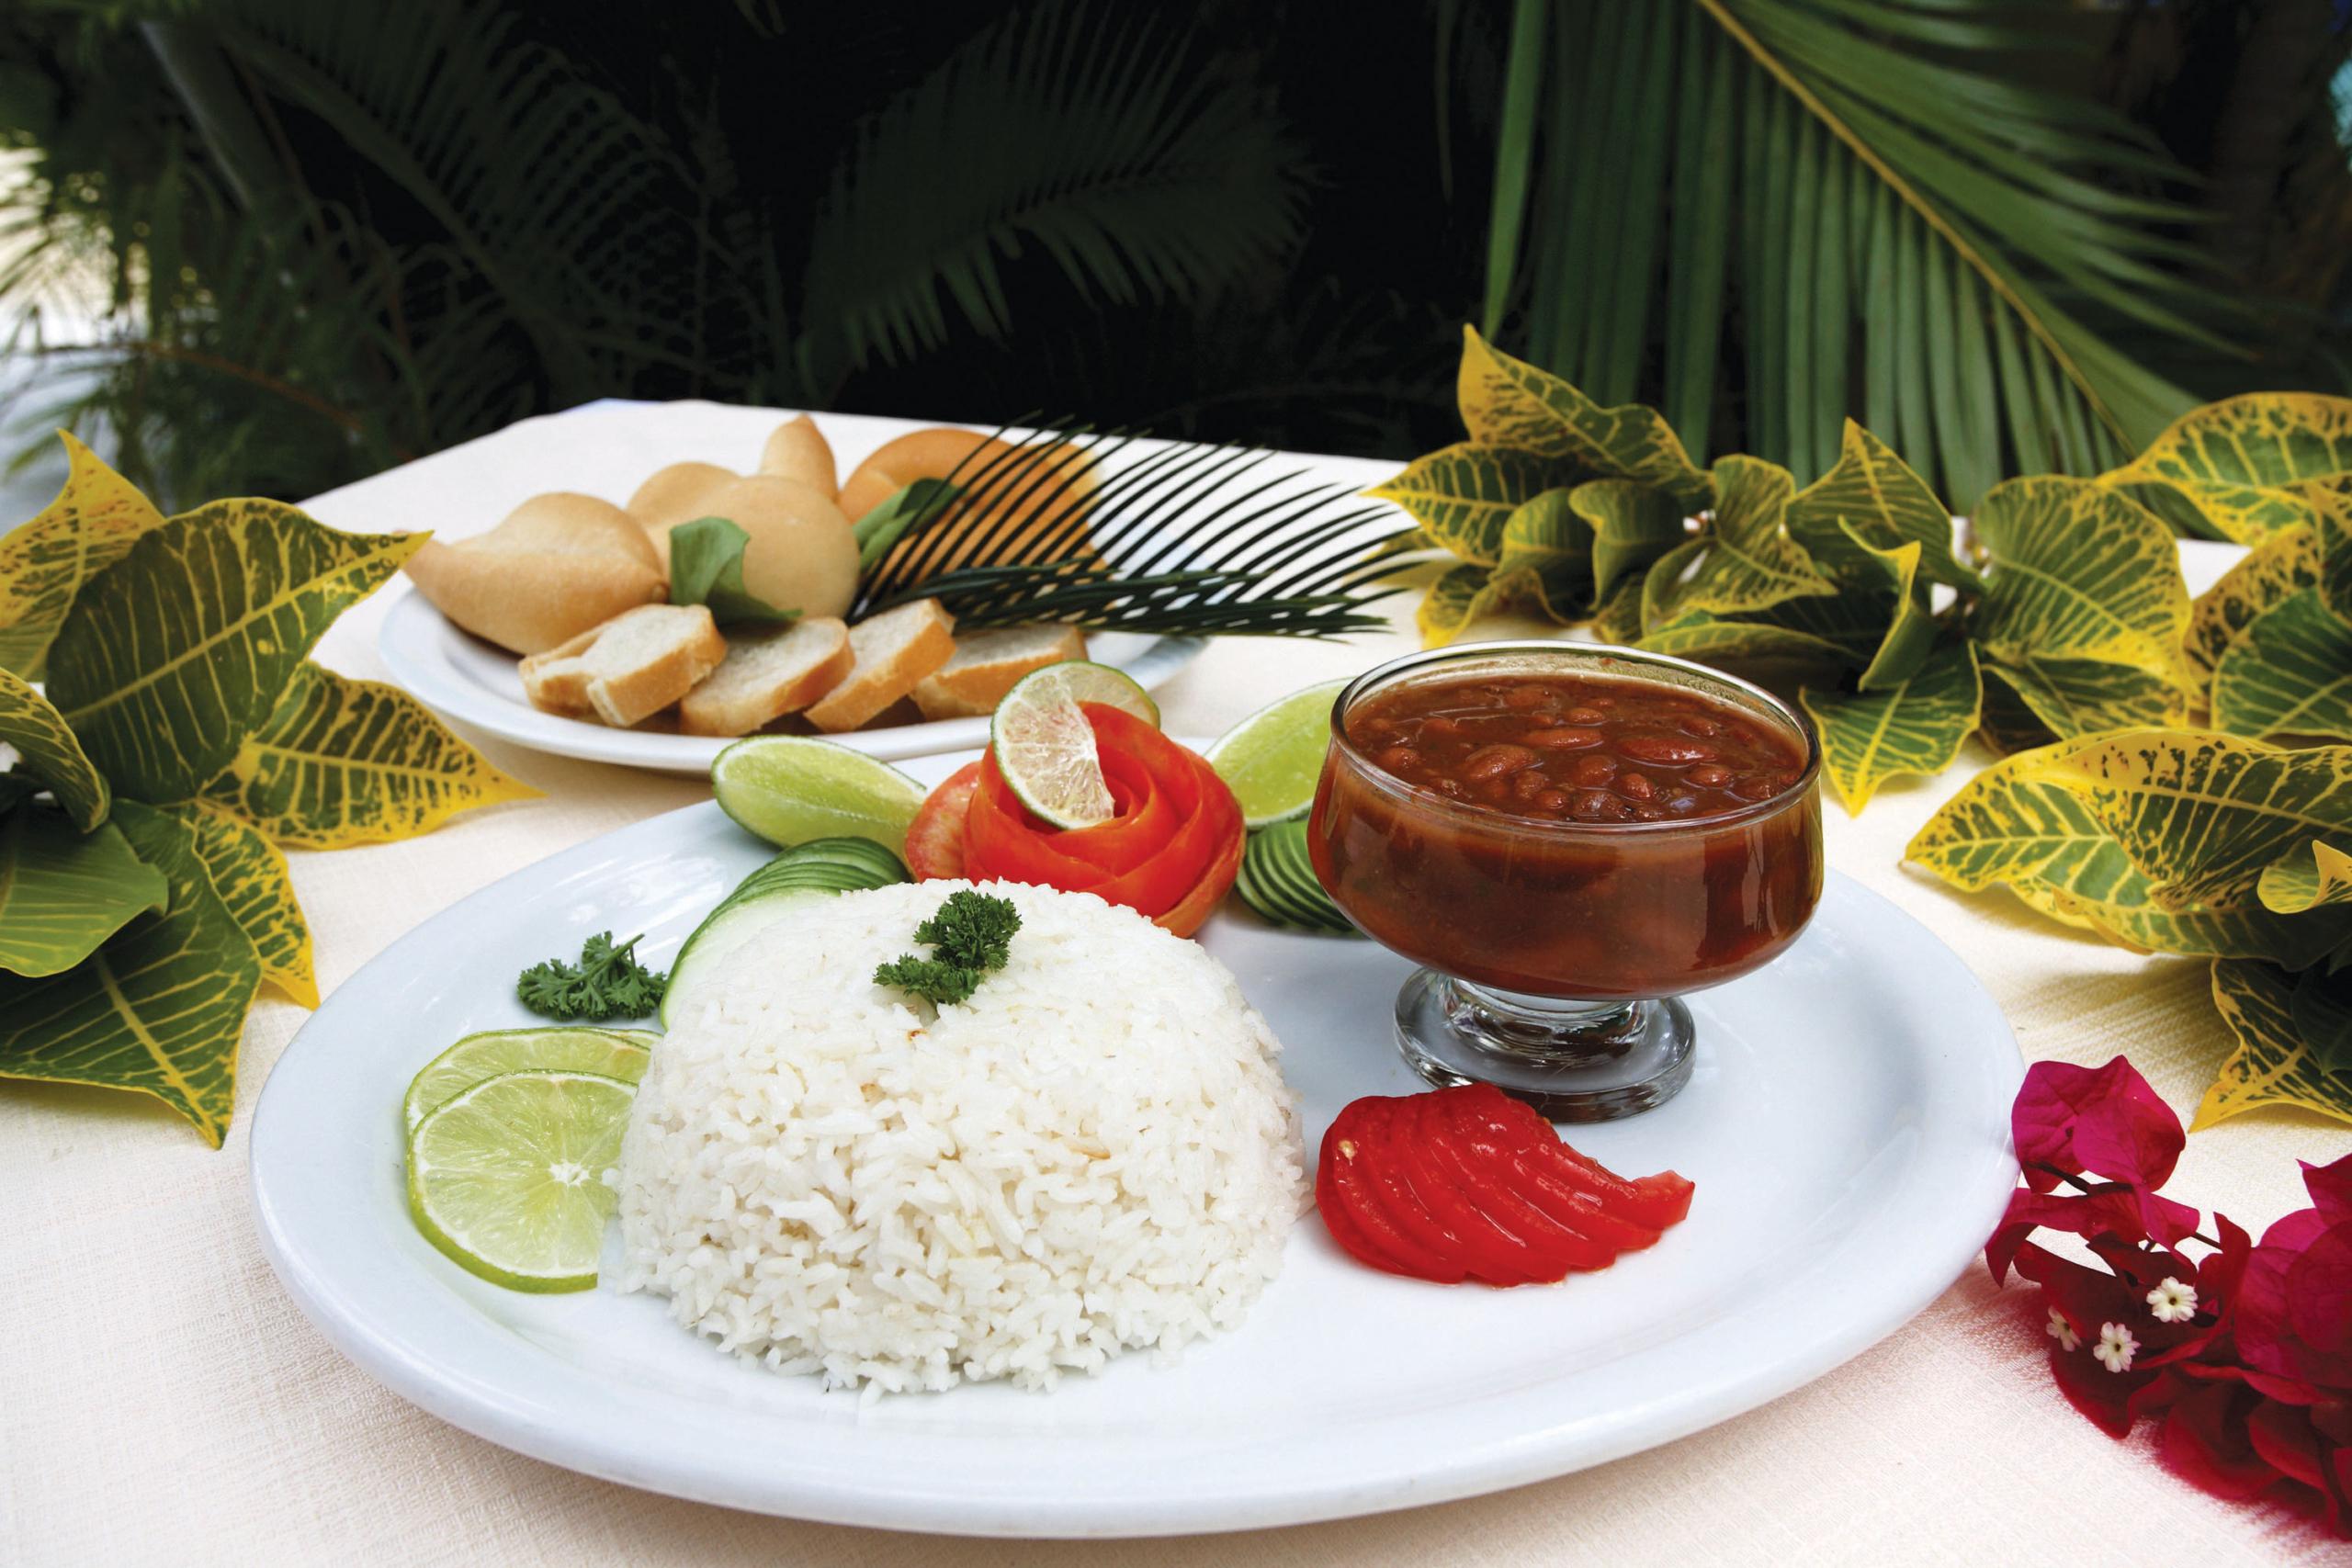 la bandera typical Dominican Republic food